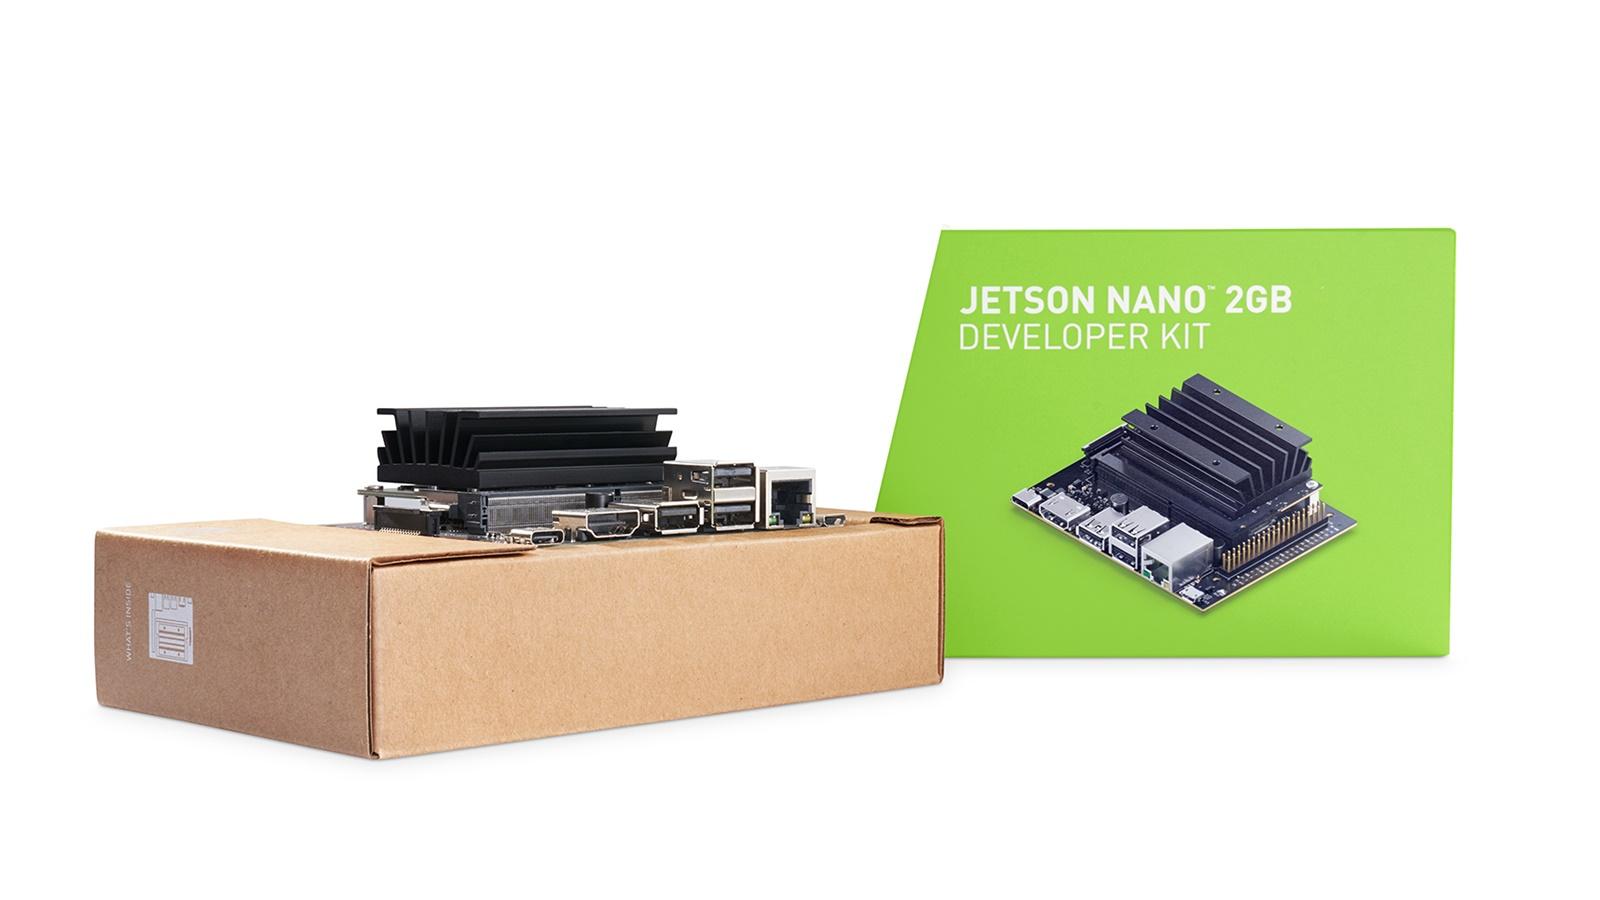 NVIDIAが低価格AI処理ボードをさらに安く、59米ドルの新製品 - 製品&サービス:日経クロステック Active